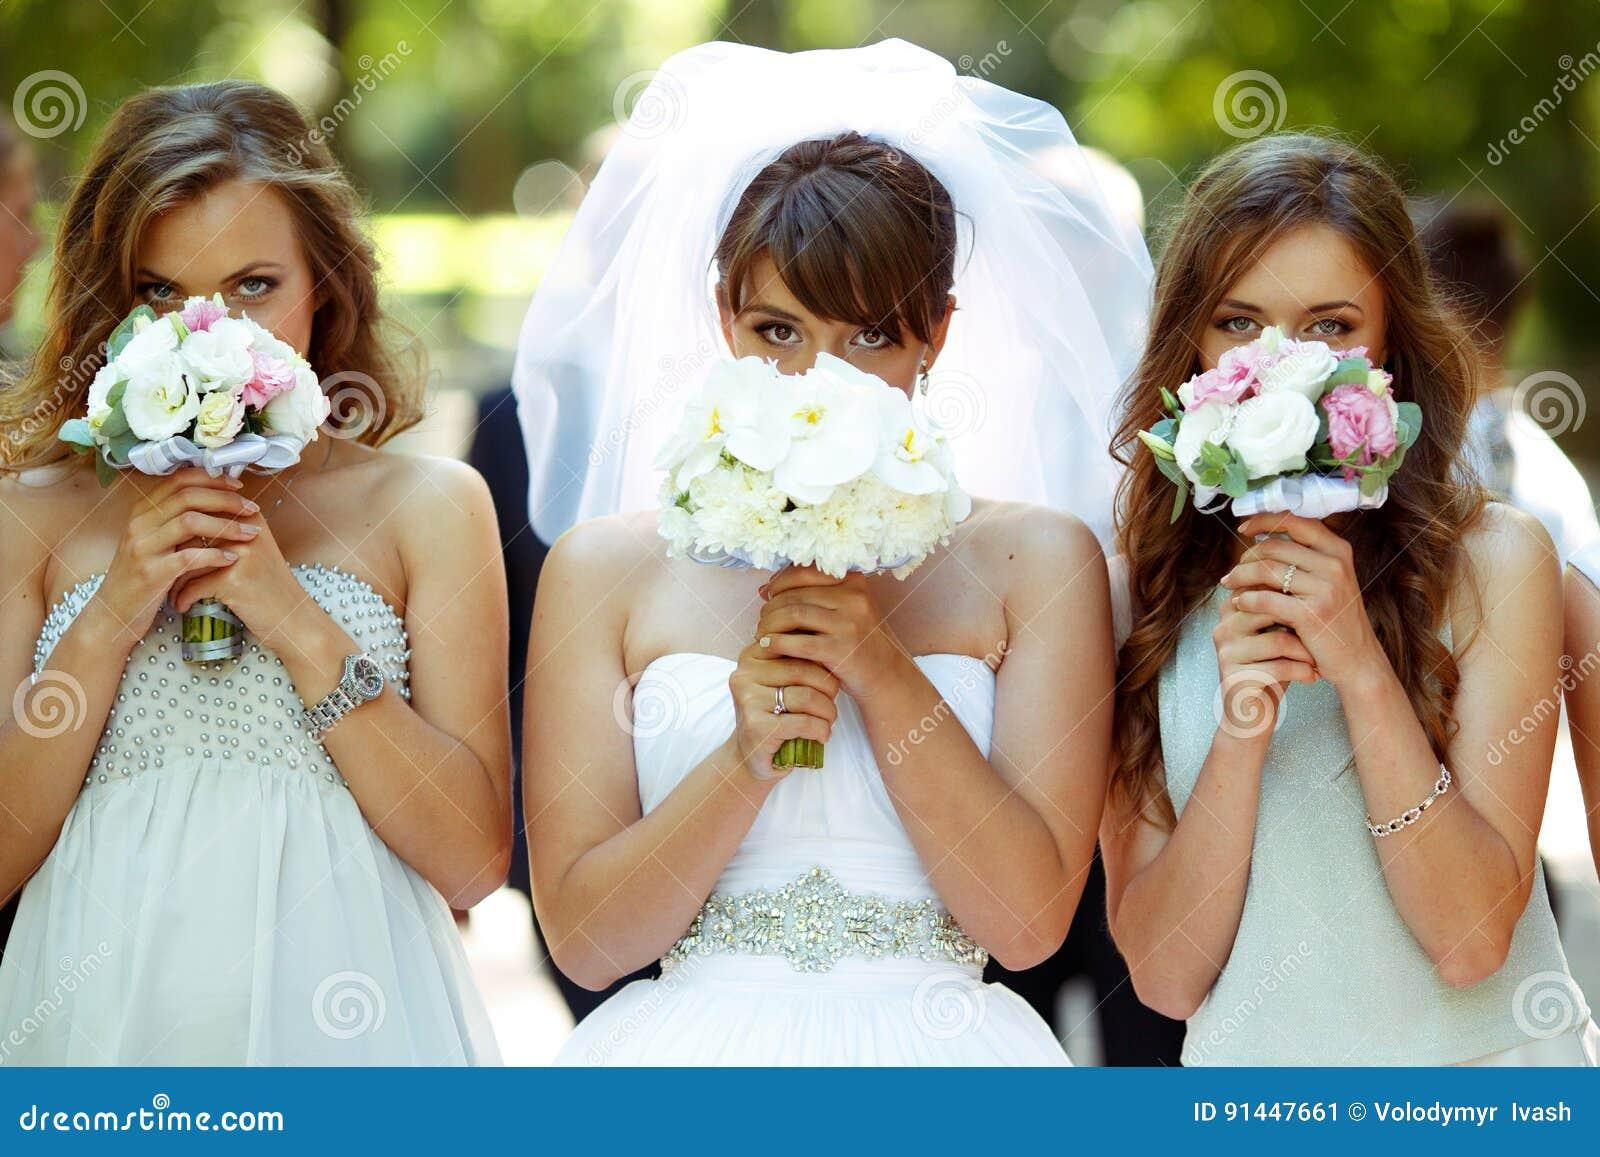 Panna młoda i drużki chujemy ich twarze za małym ślubnym bou